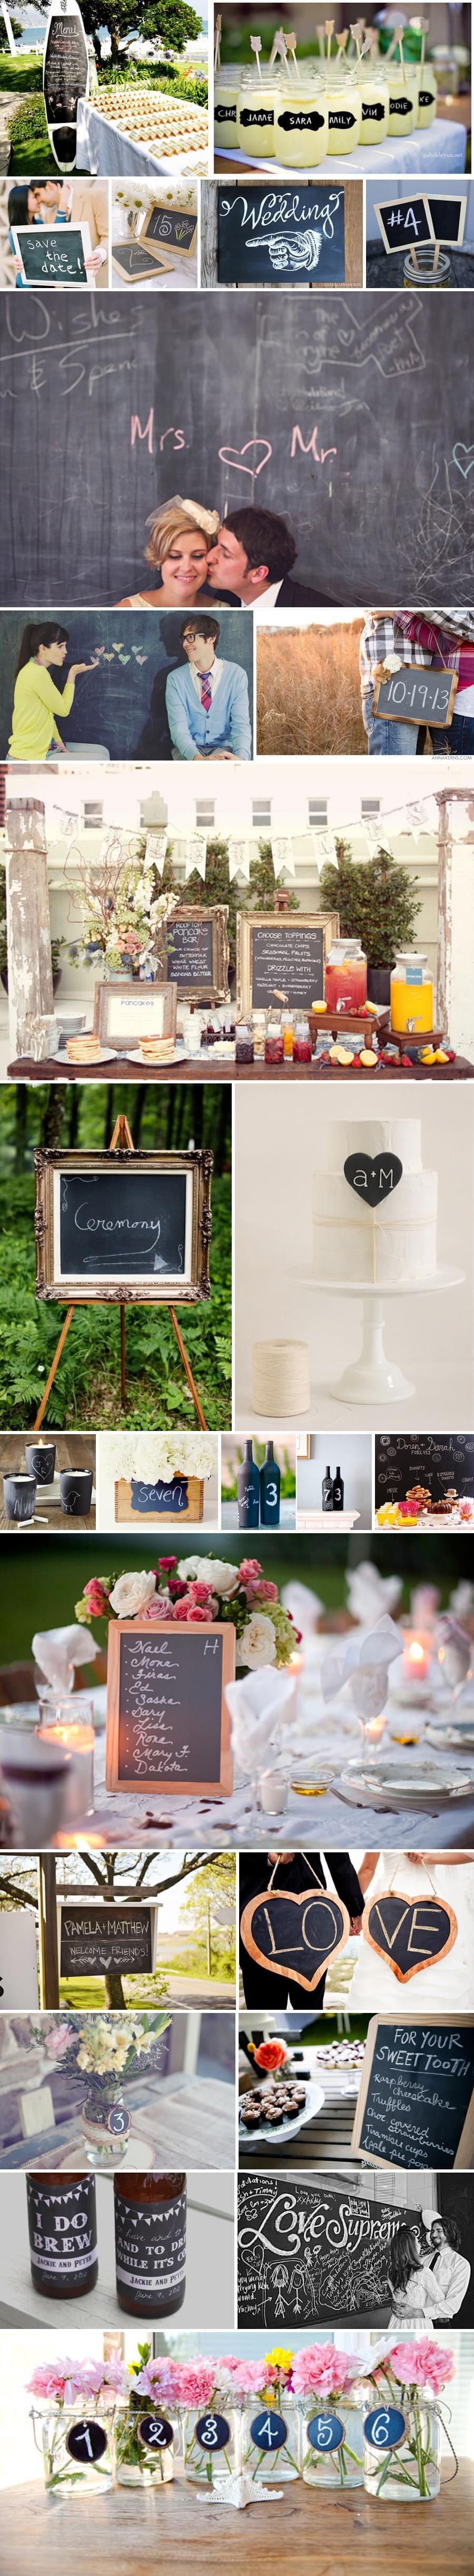 dekoracje kredowe tabliczki kredowe ślub wesele sklep pomysły